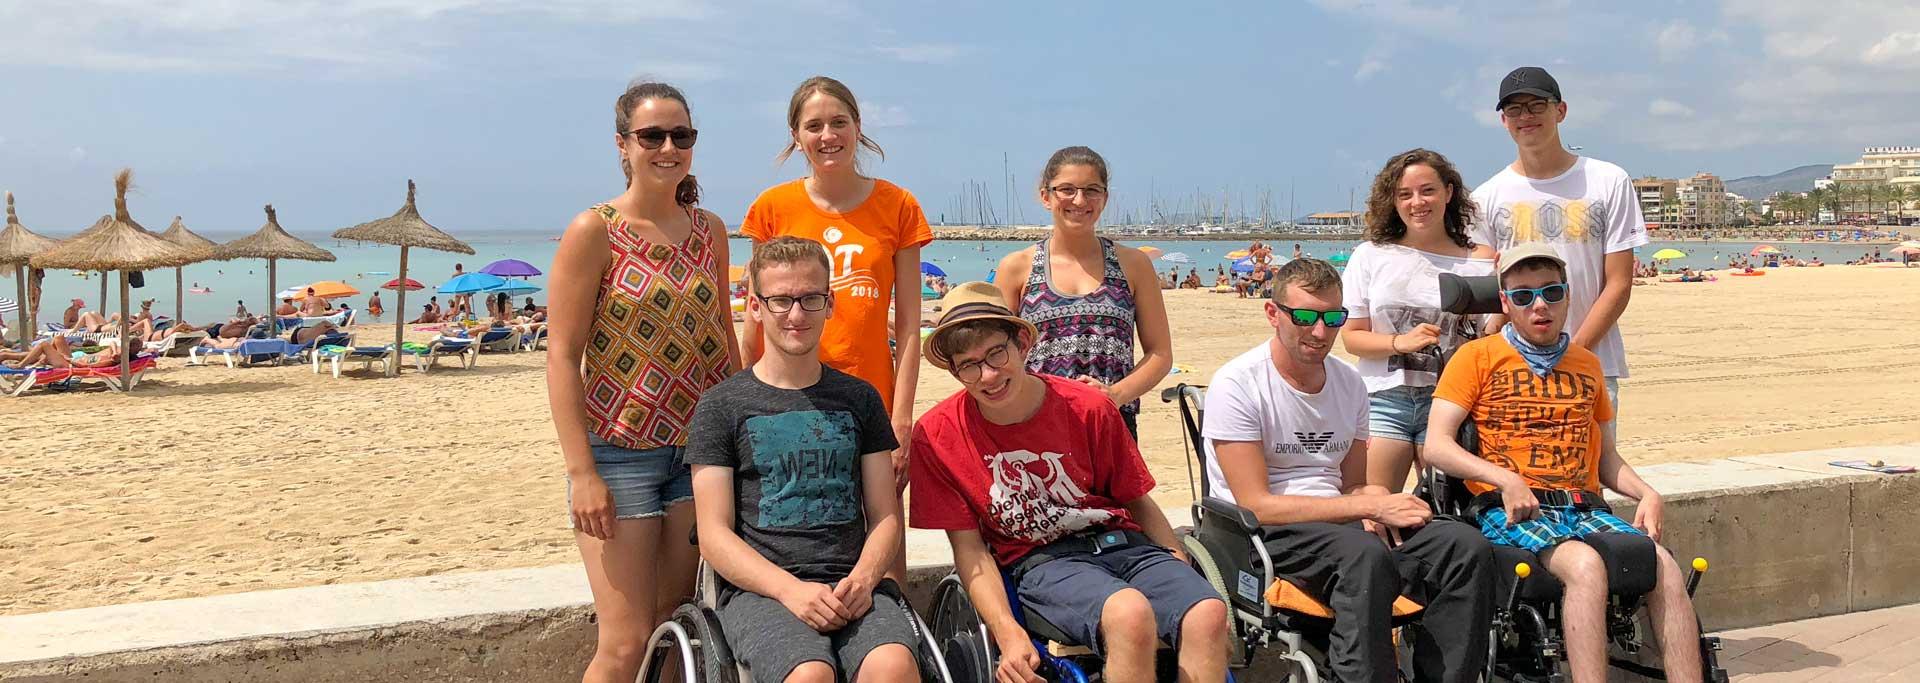 Reisen für Behinderte - Rollstuhlurlaub